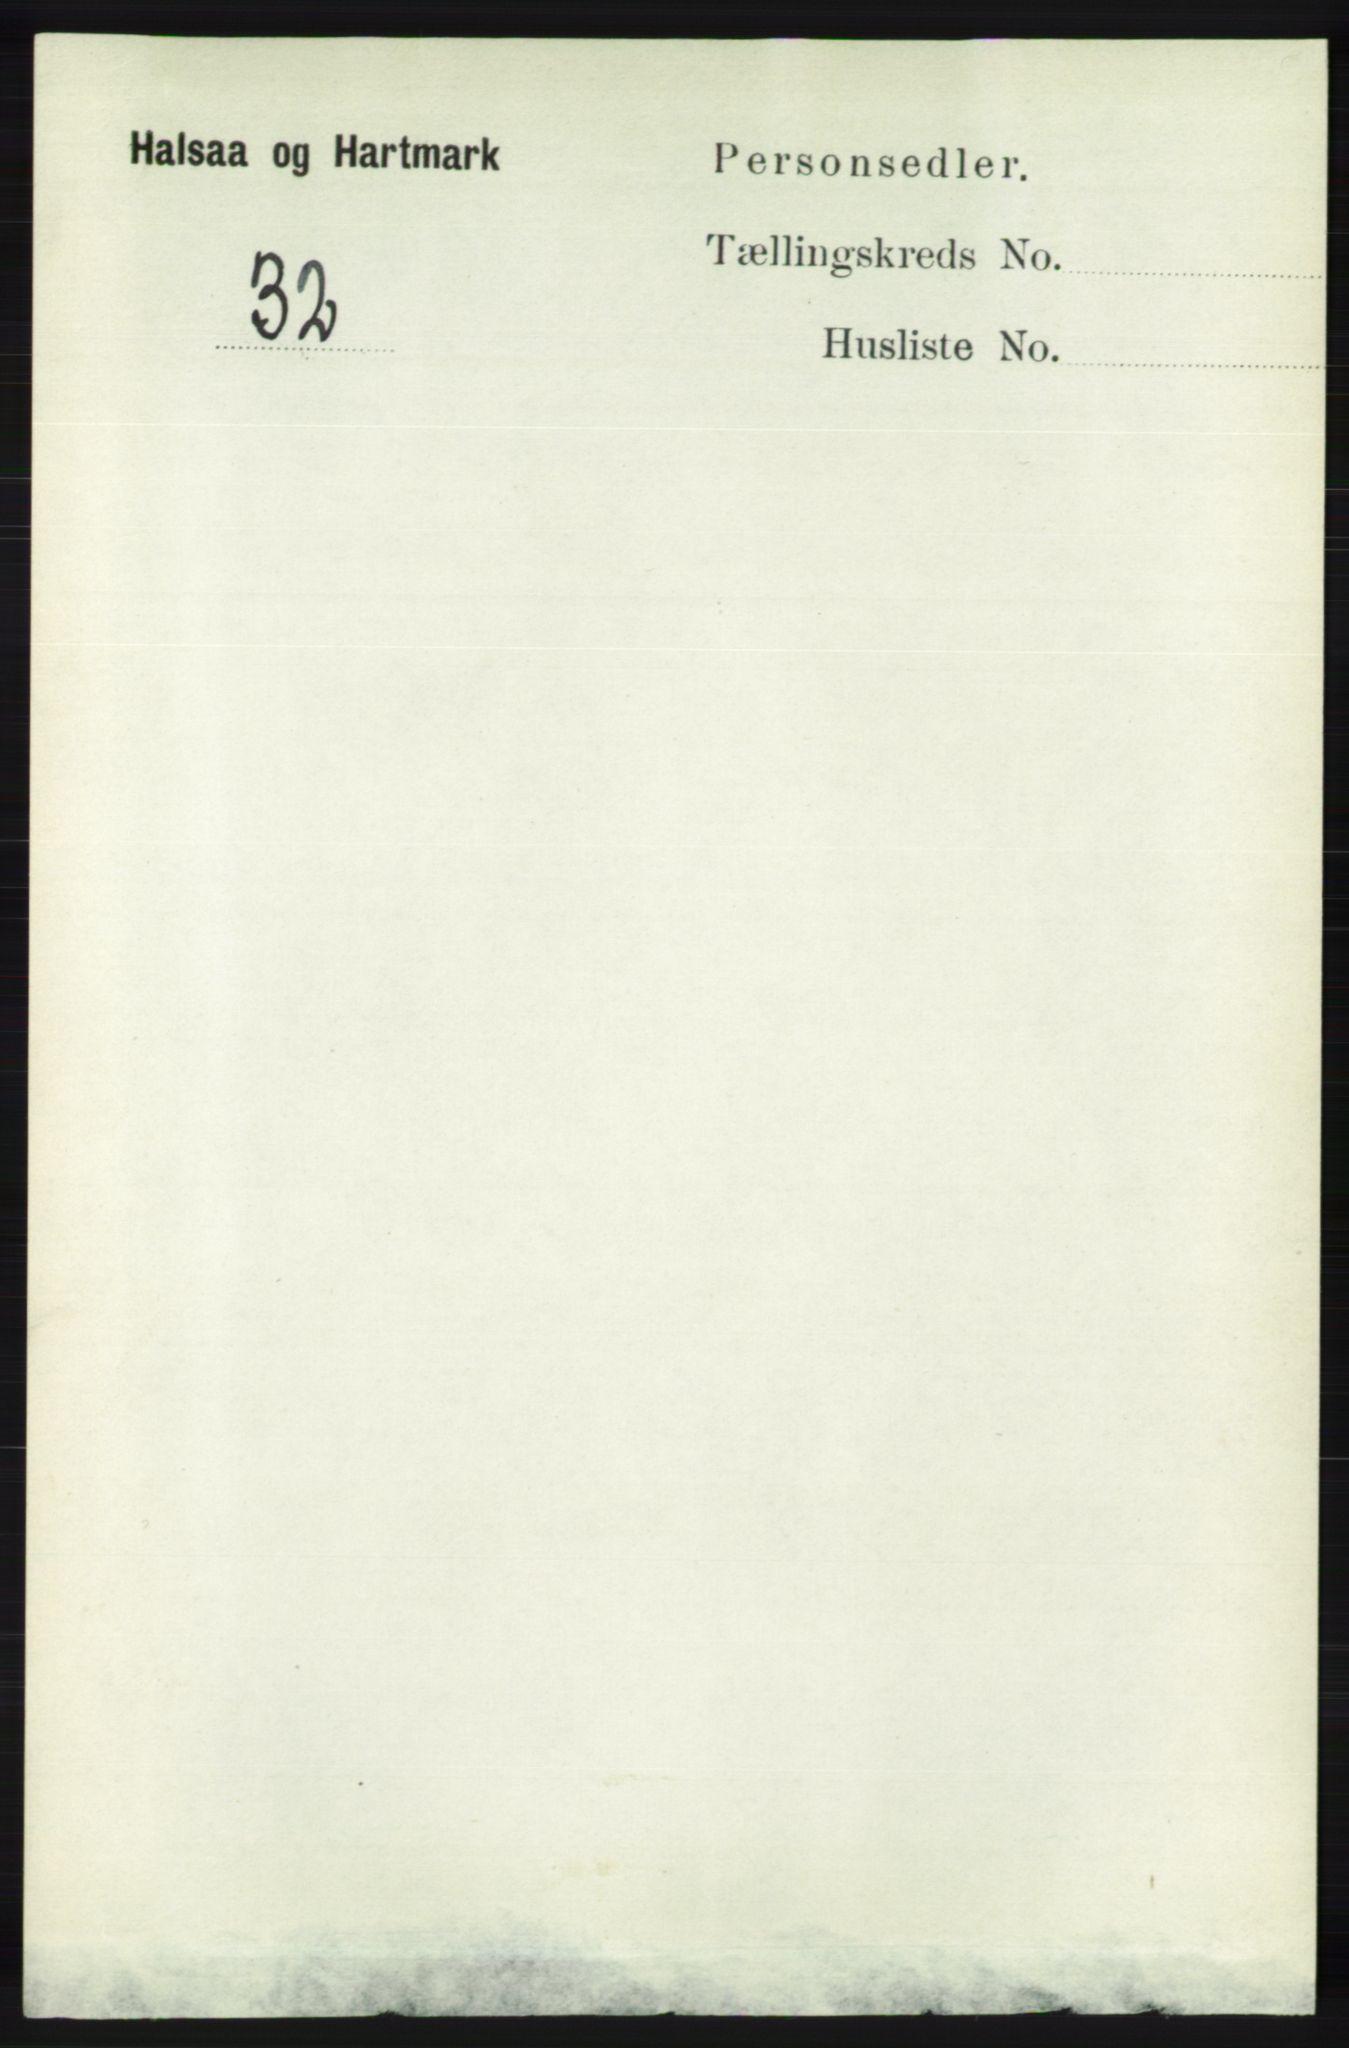 RA, Folketelling 1891 for 1019 Halse og Harkmark herred, 1891, s. 4138